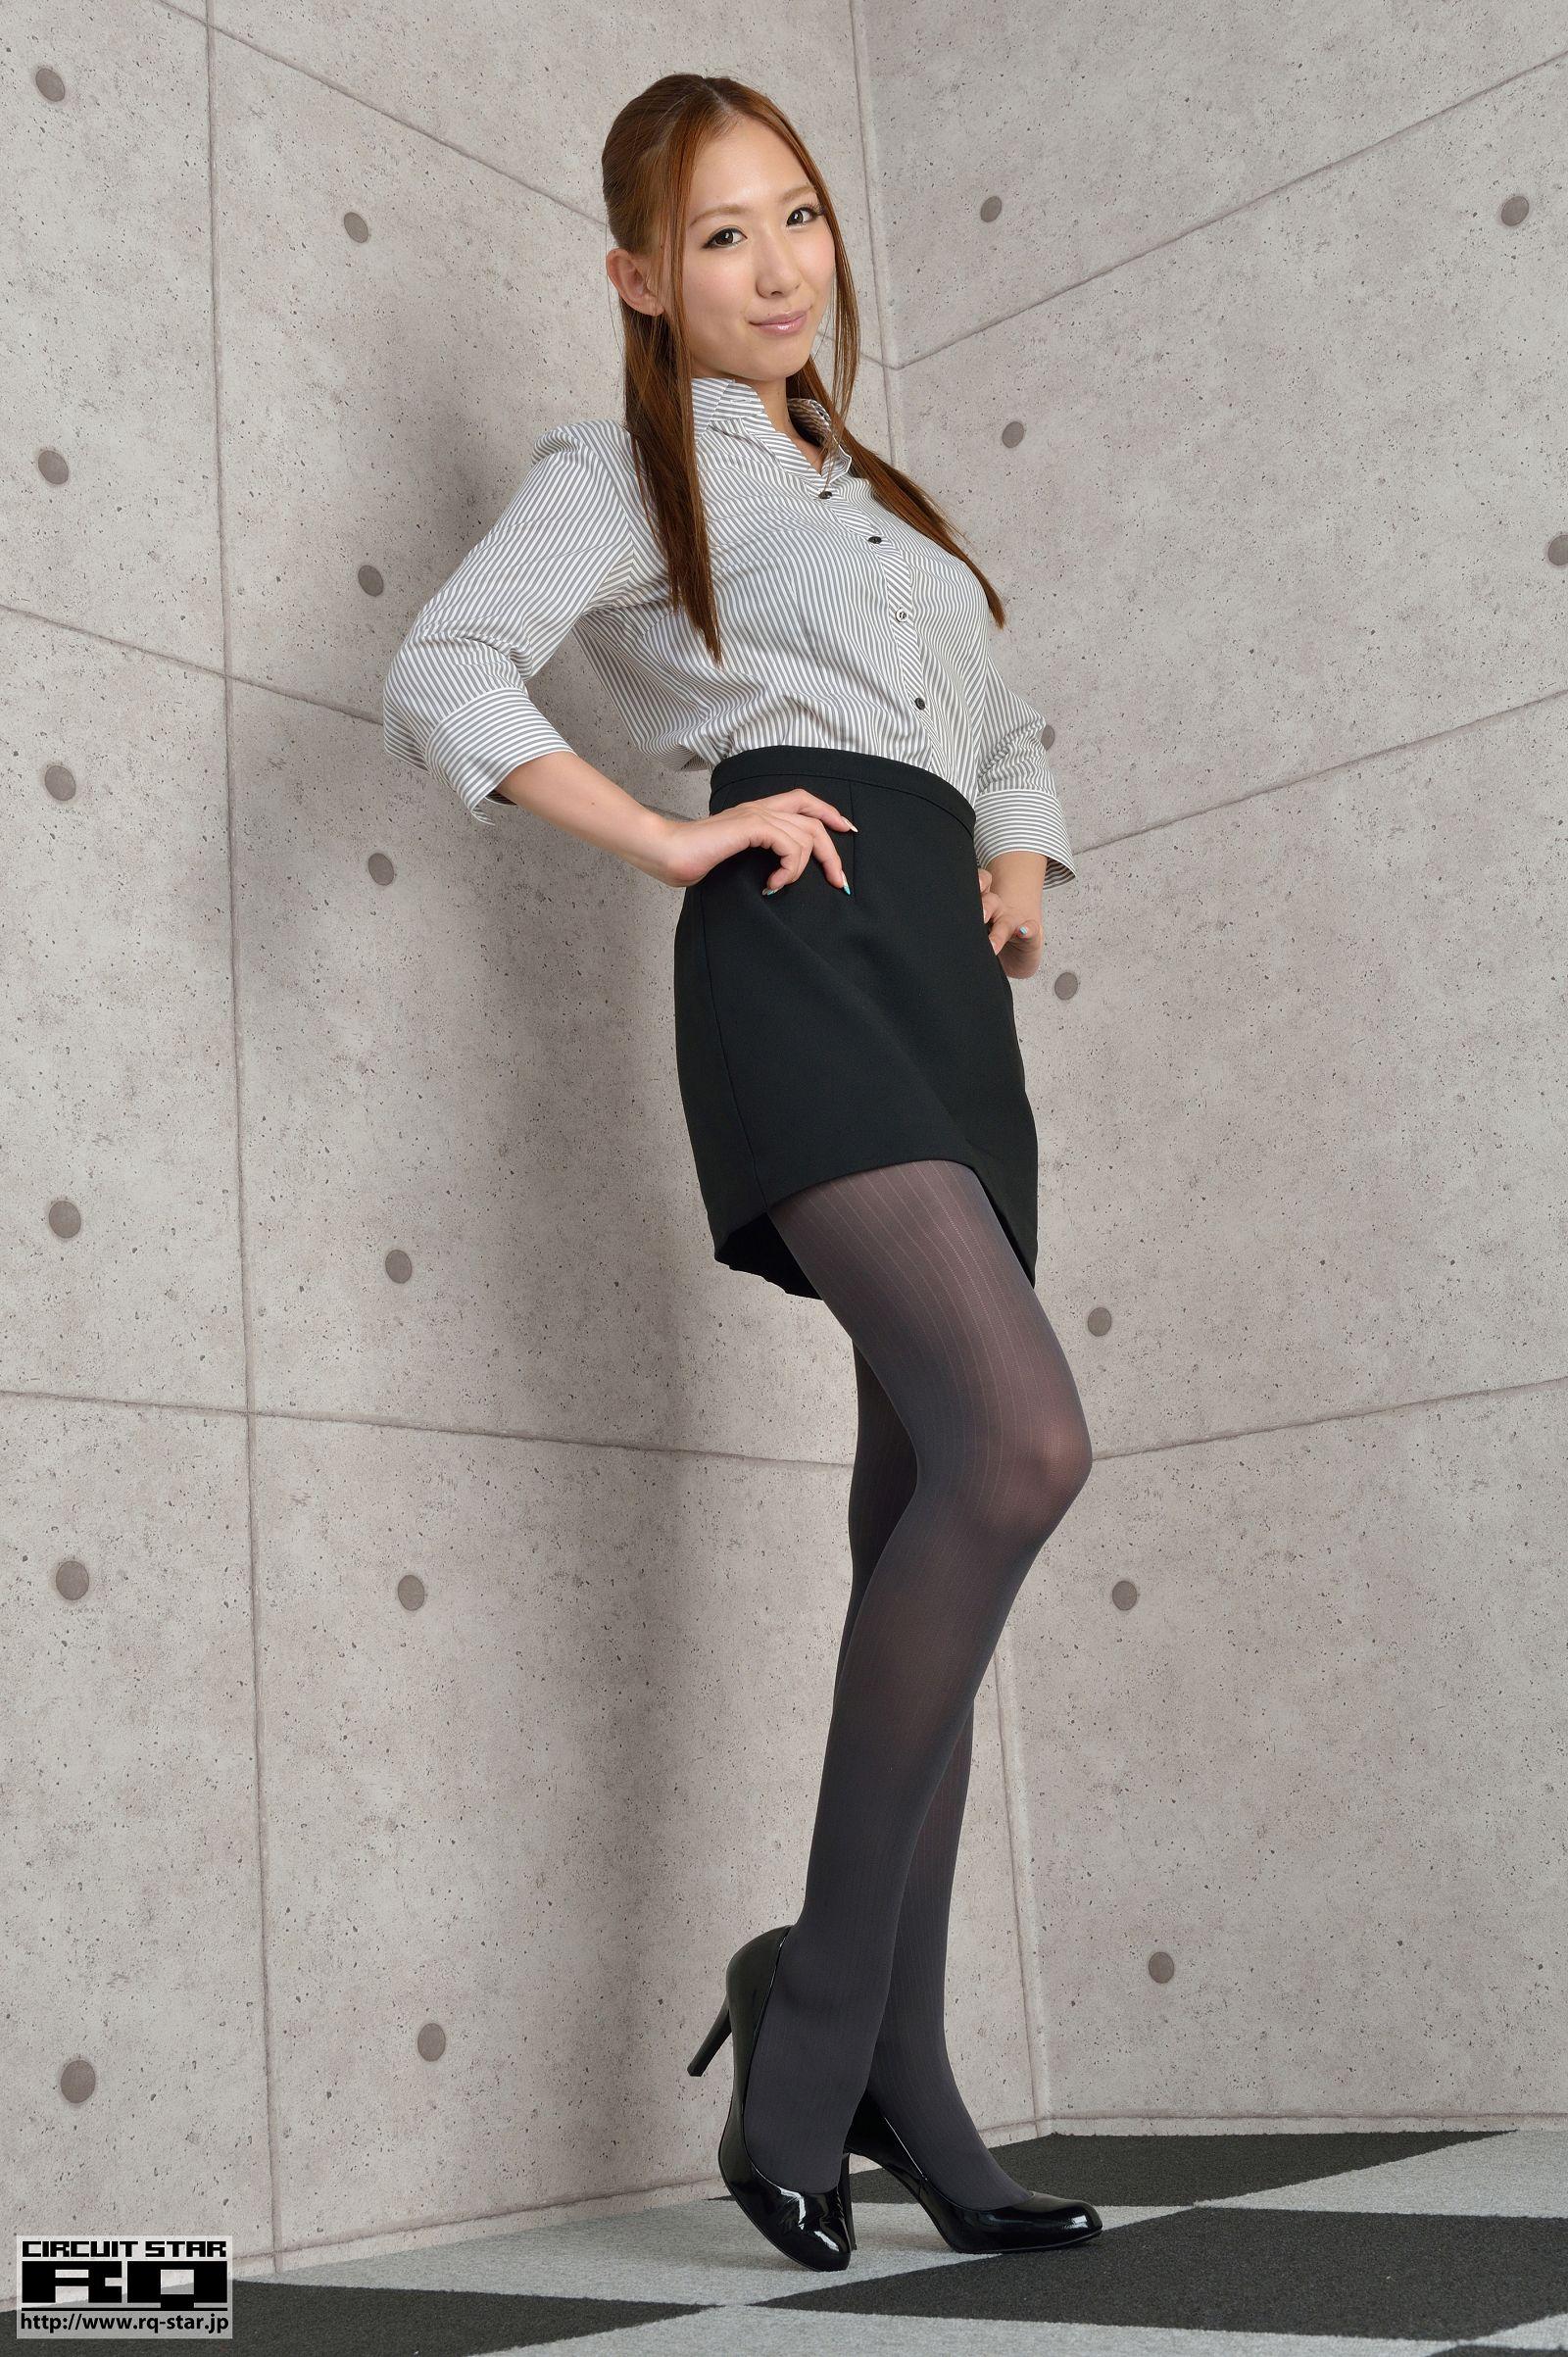 [RQ STAR美女] NO.00991 Yui Iwasaki 岩崎由衣 Office Lady[100P] RQ STAR 第1张